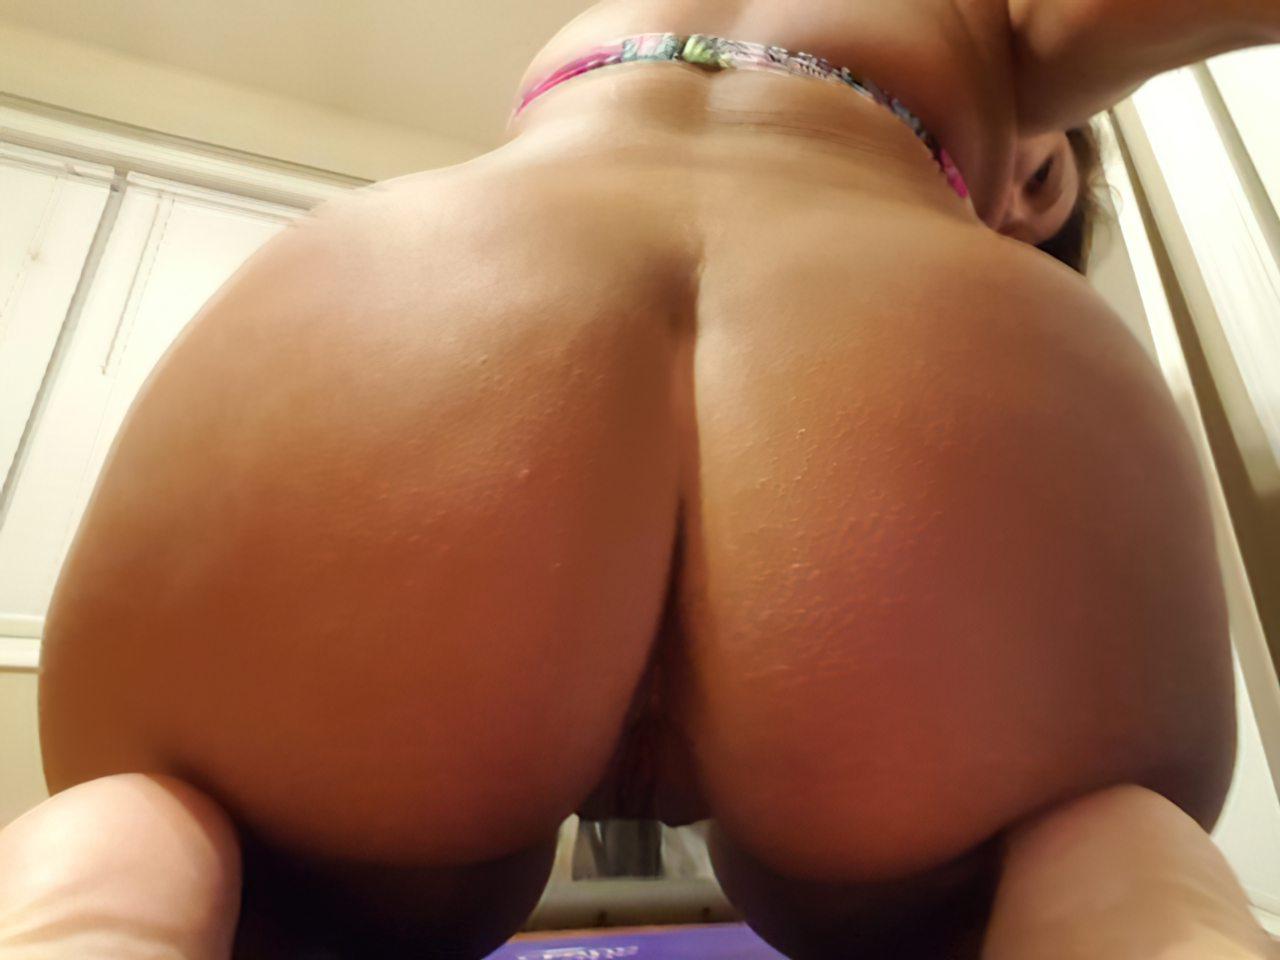 Buceta Amadora Linda (7)